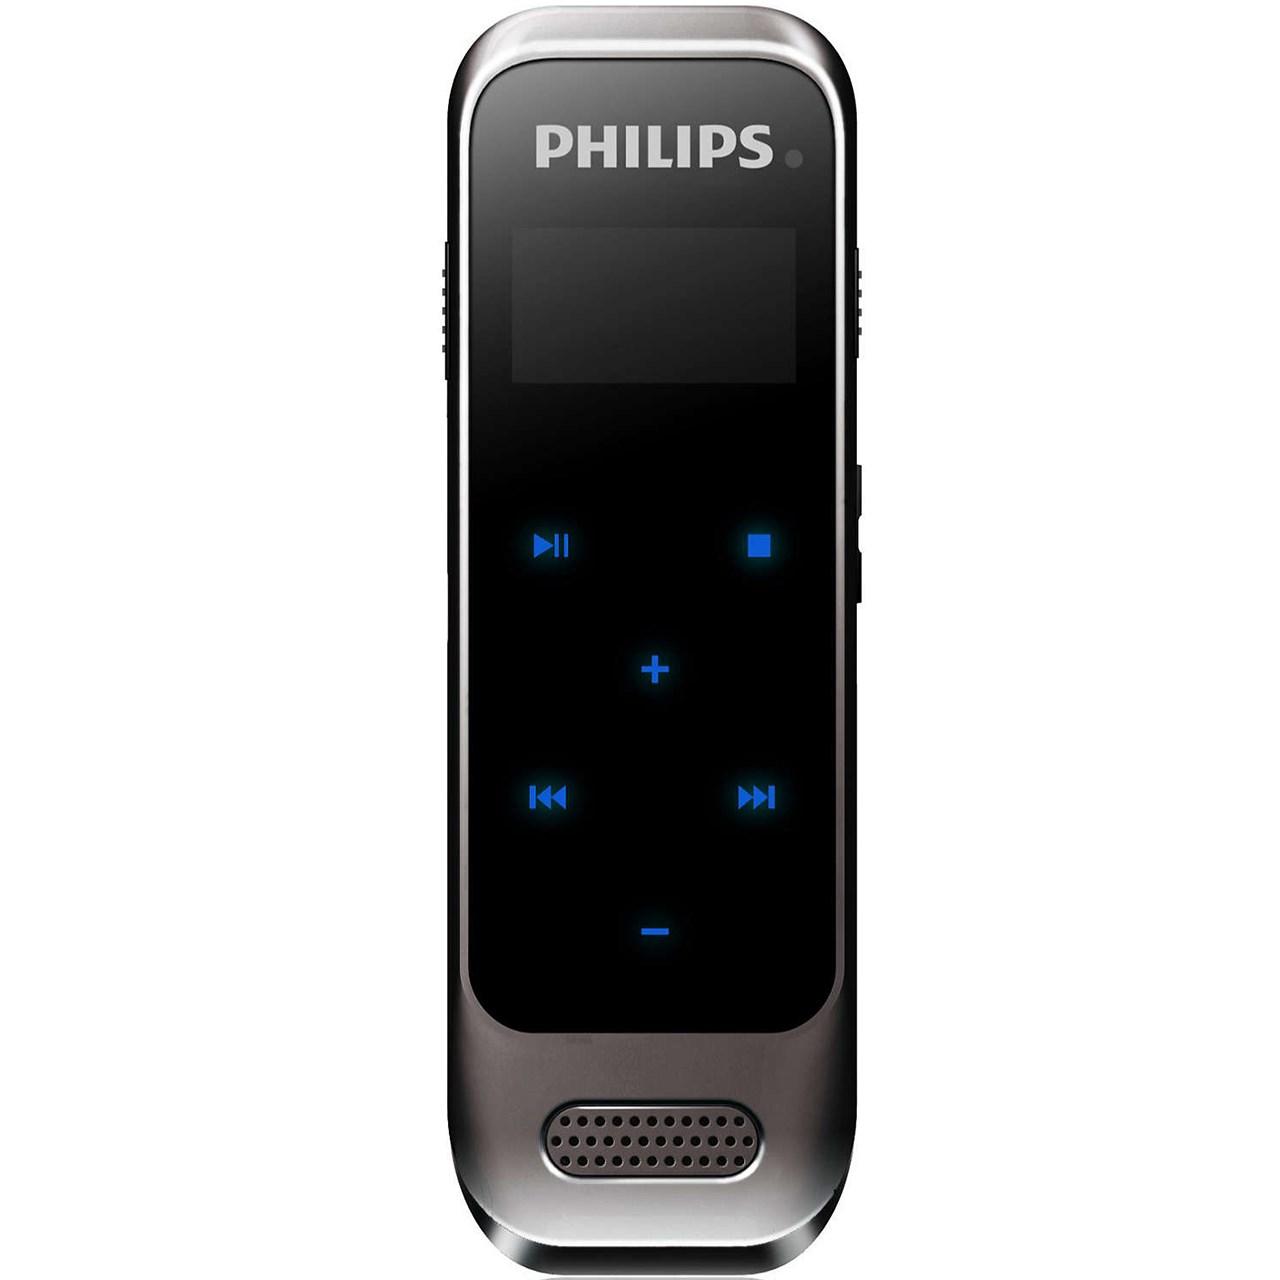 ضبط کننده صدا فیلیپس مدل VTR6600